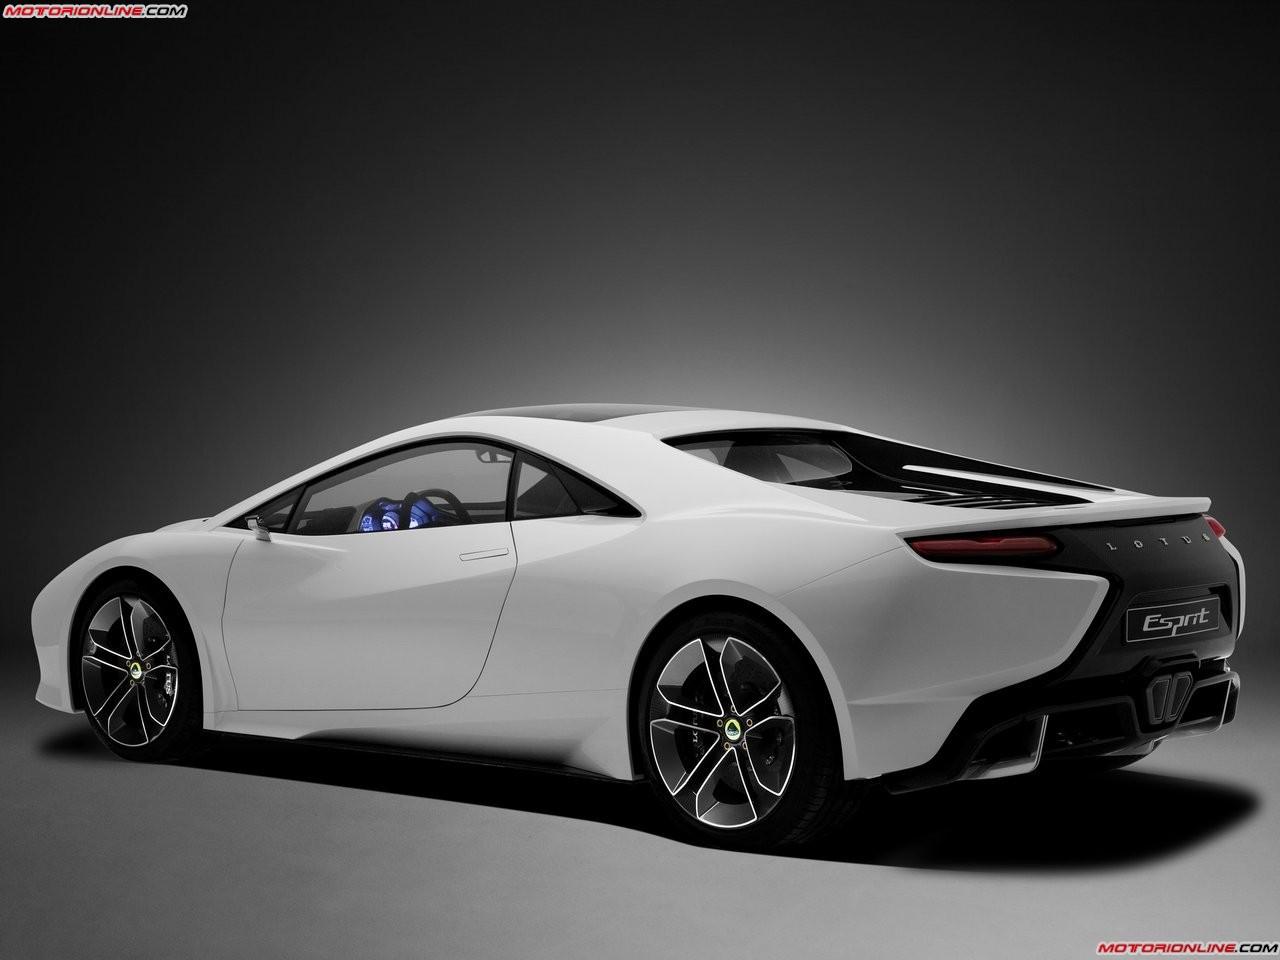 Lotus Esprit R 2014 Lotus-esprit_concept_2010_011